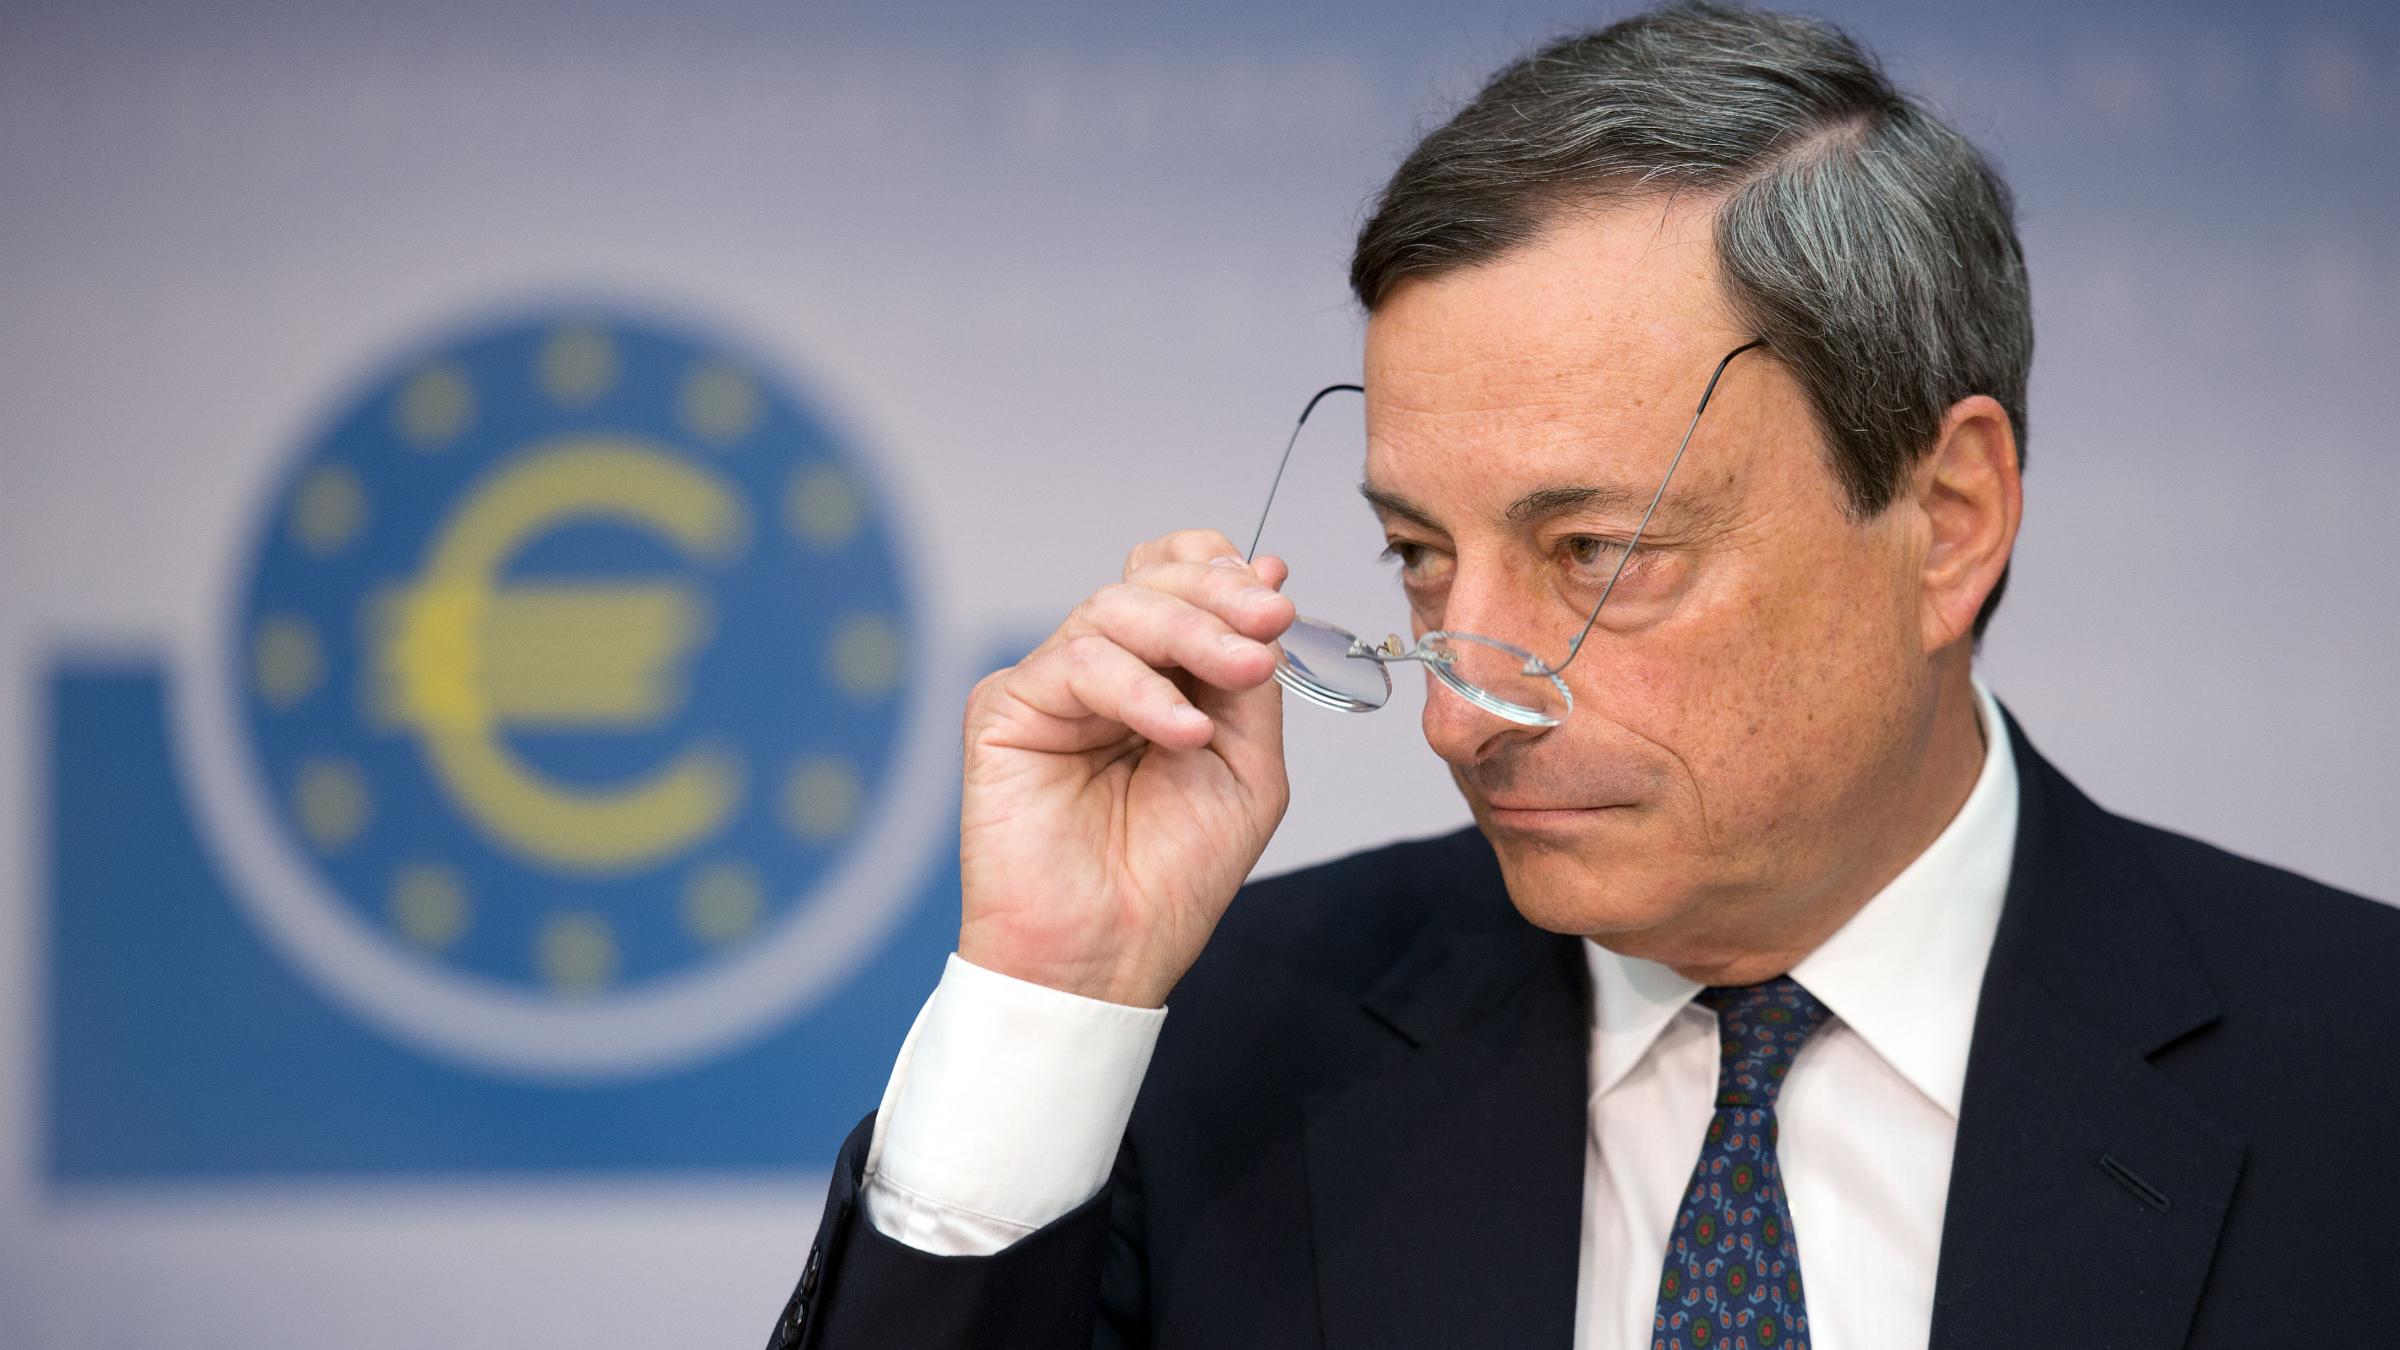 ECB European Central Bank President Mario Draghi